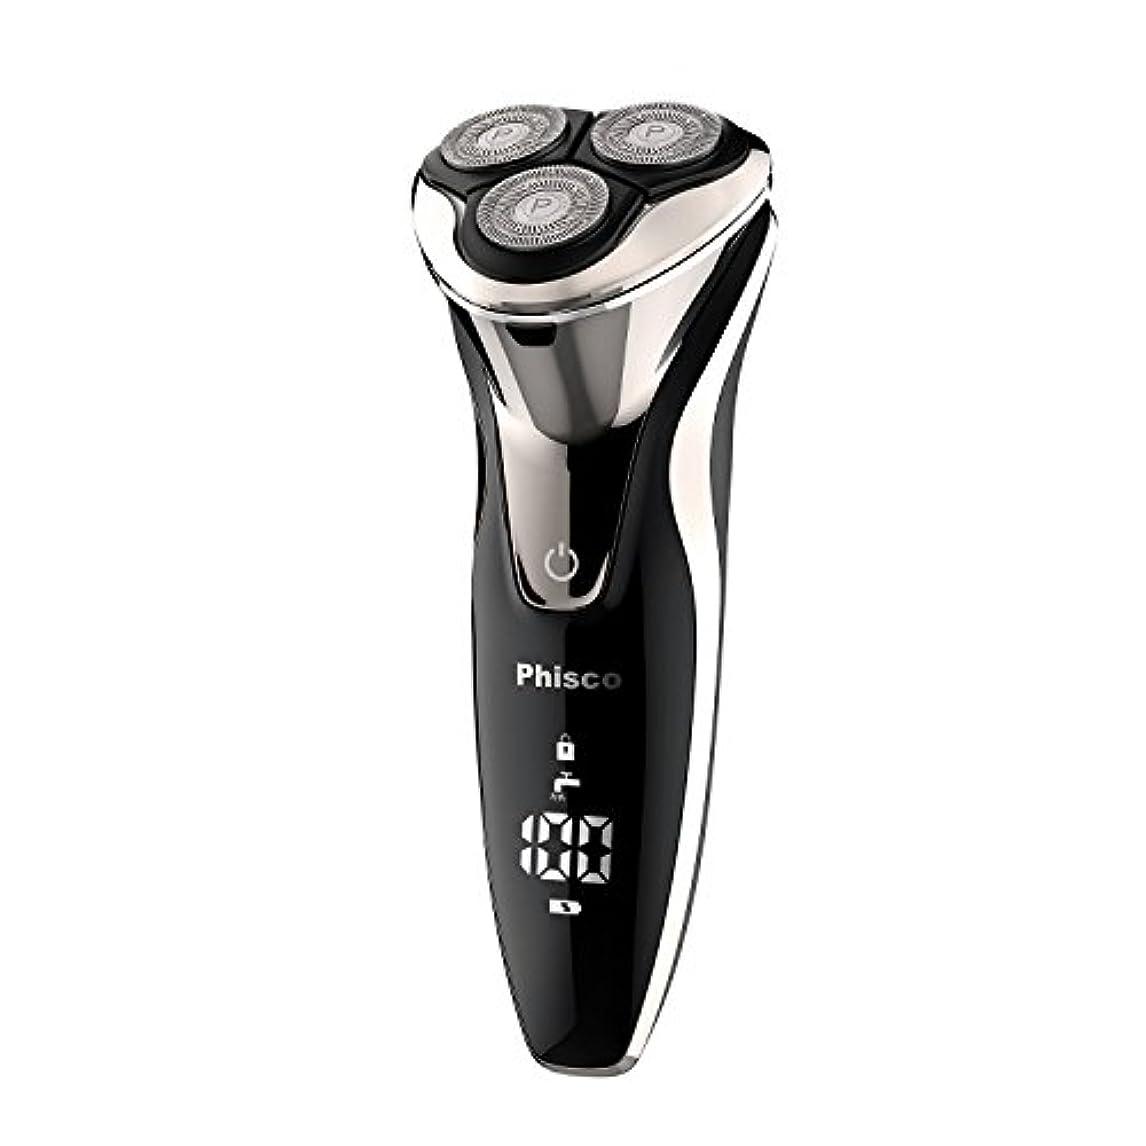 メドレーマインドフル乱れ急速充電&長持ちbattery - 1時間充電120分までシェービング時間(約30削りくず)、2分間単一毛剃り用の急速充電、リチウムイオン電池を用いて、より長い剃ることができます